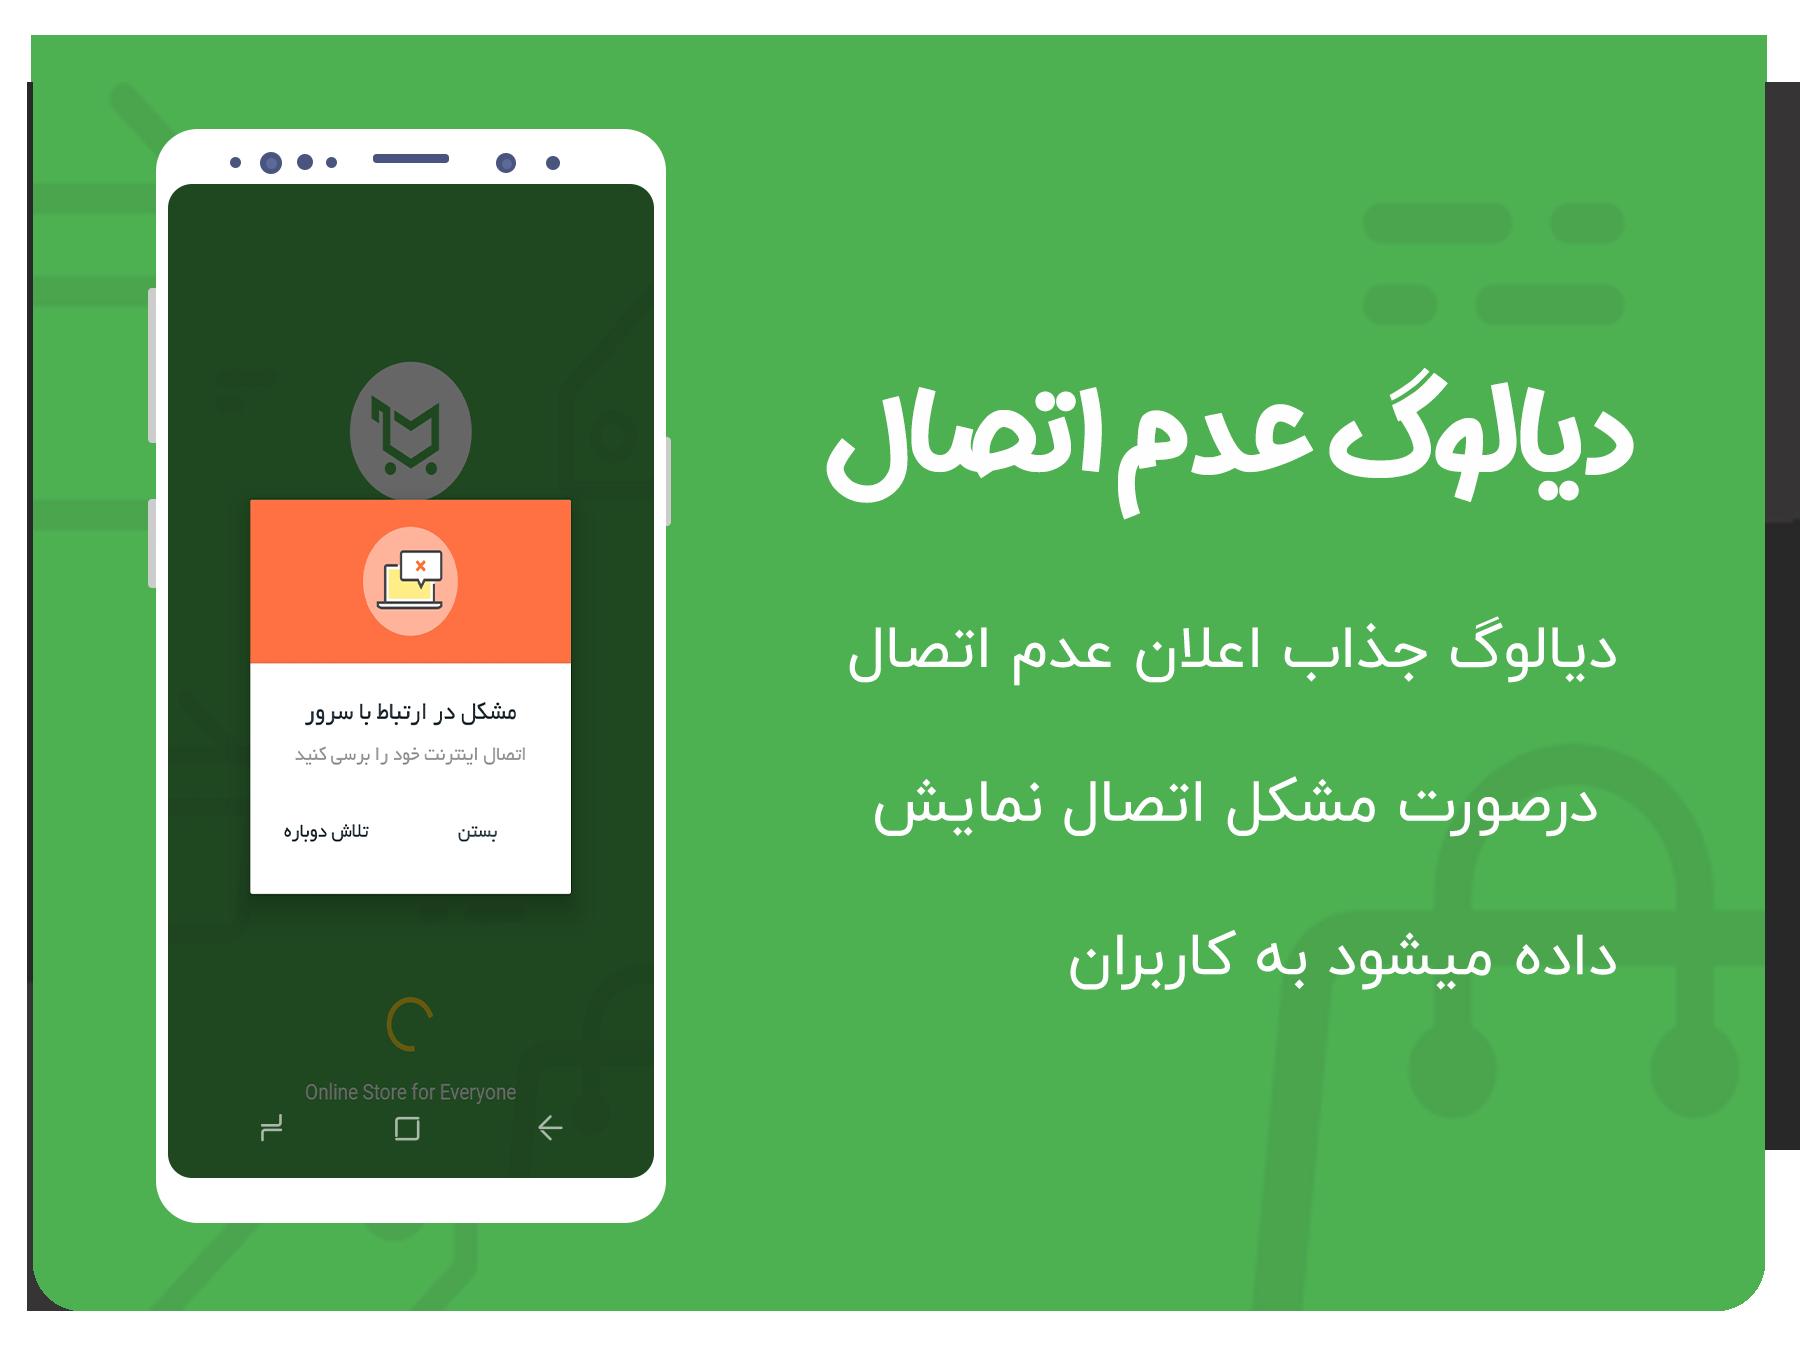 نمایش پیام در اپلیکیشن